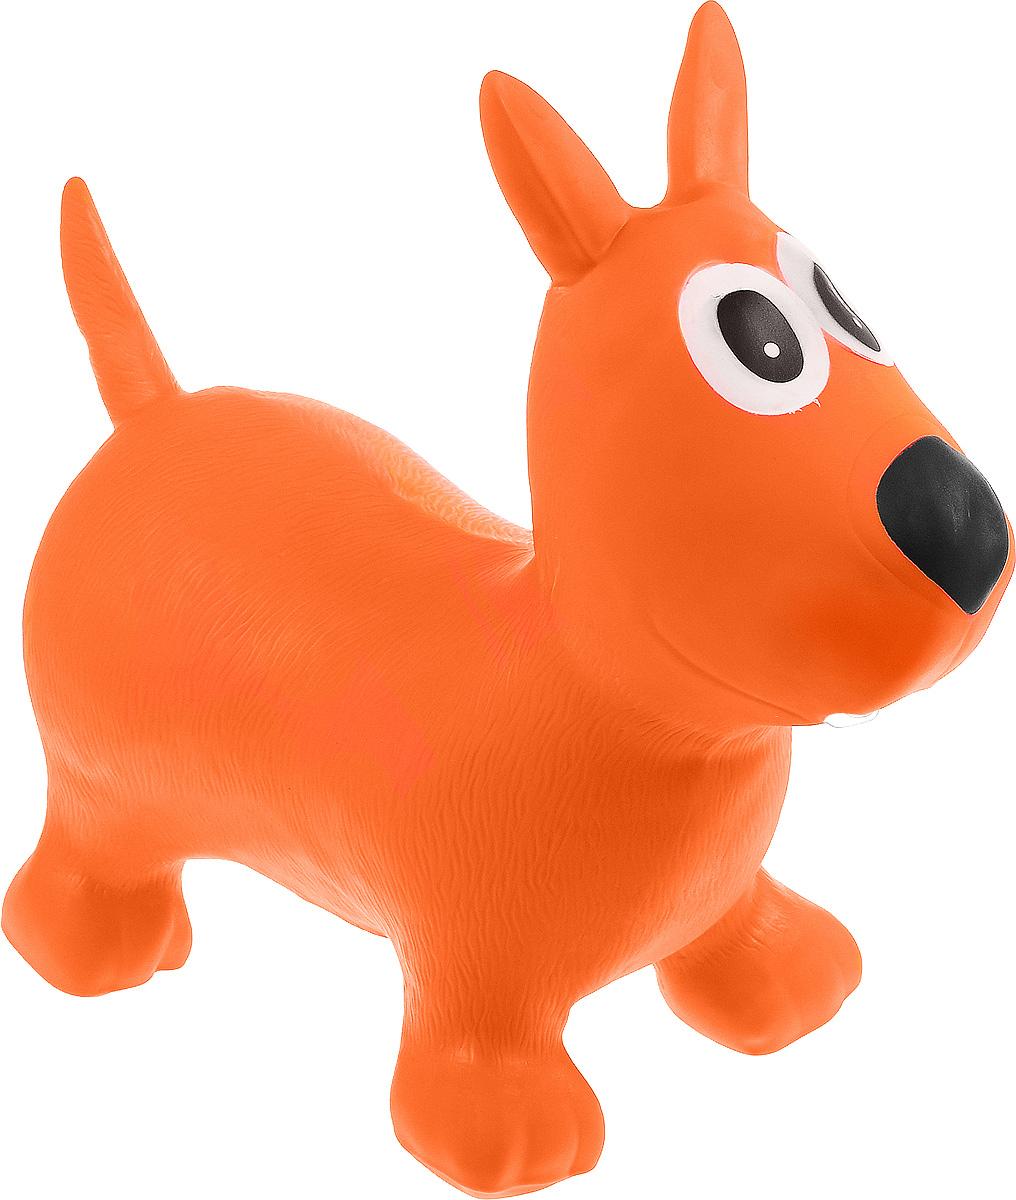 Altacto Игрушка-попрыгун Щенок цвет оранжевыйALT1802-020Игрушка-попрыгун Altacto Щенок даст выход скопившейся энергии даже самого активного малыша. На ней можно прыгать по комнате, а также использовать как стульчик во время просмотра мультиков. Игрушка развивает координацию, укрепляет кости и мышцы. Рекомендована педиатрами. Максимальная нагрузка на прыгуна - 100 кг.